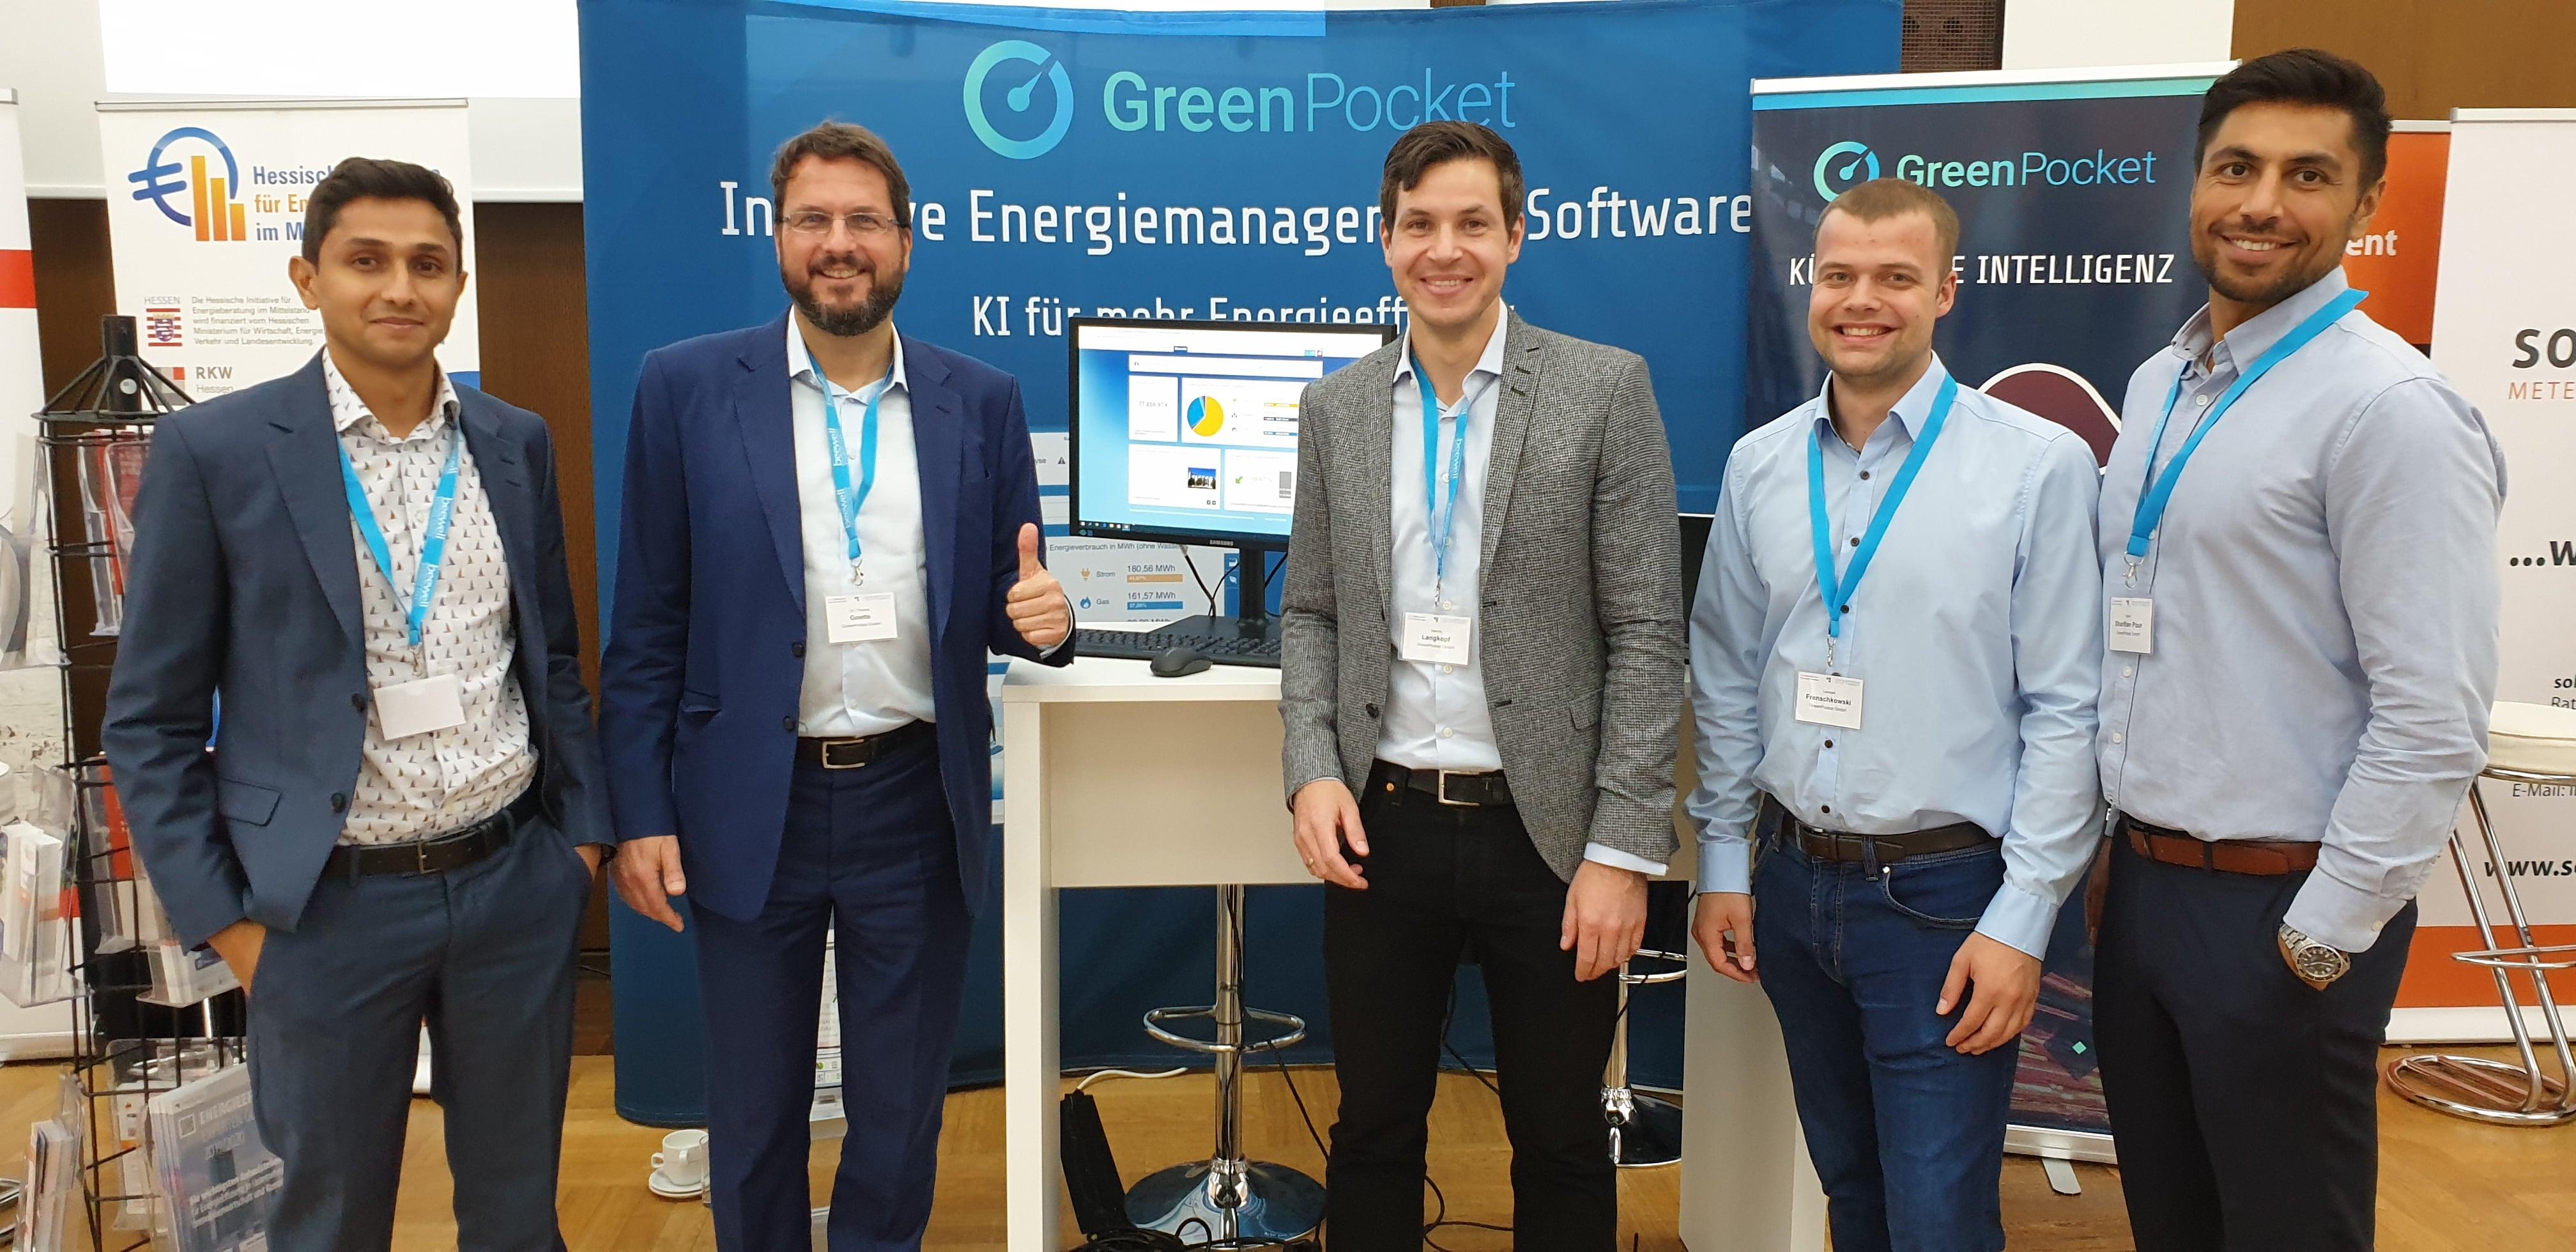 EnergieEffizienz-Messe 2019: Greenpocket begeistert mit spannendem Vortrag